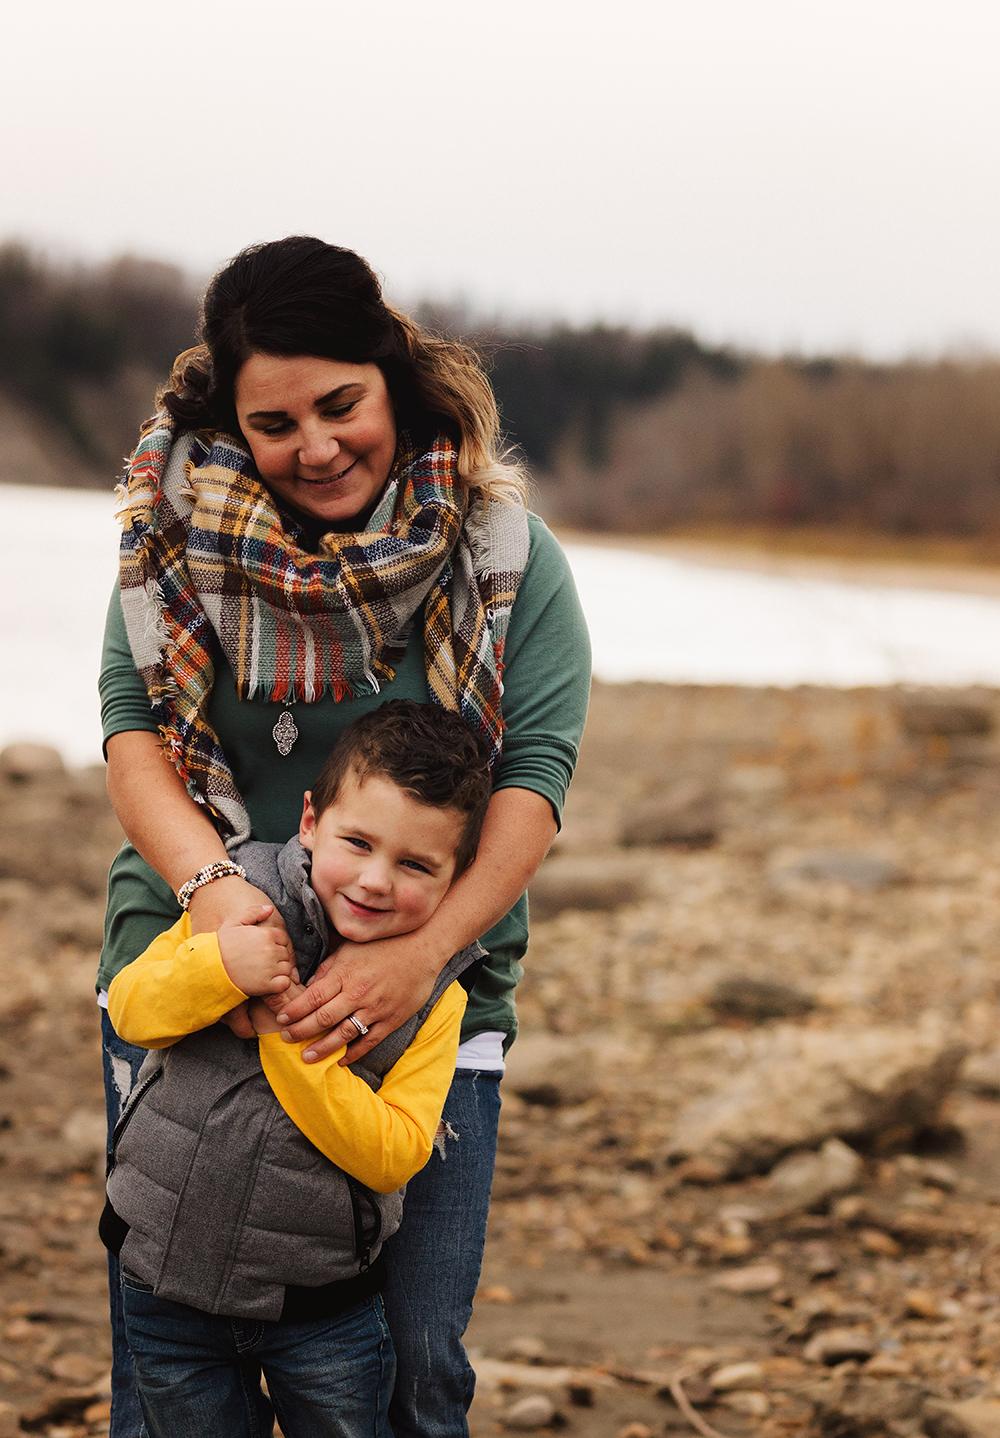 Edmonton family photographer_Schmidt Family Sneak Peek 5.jpg